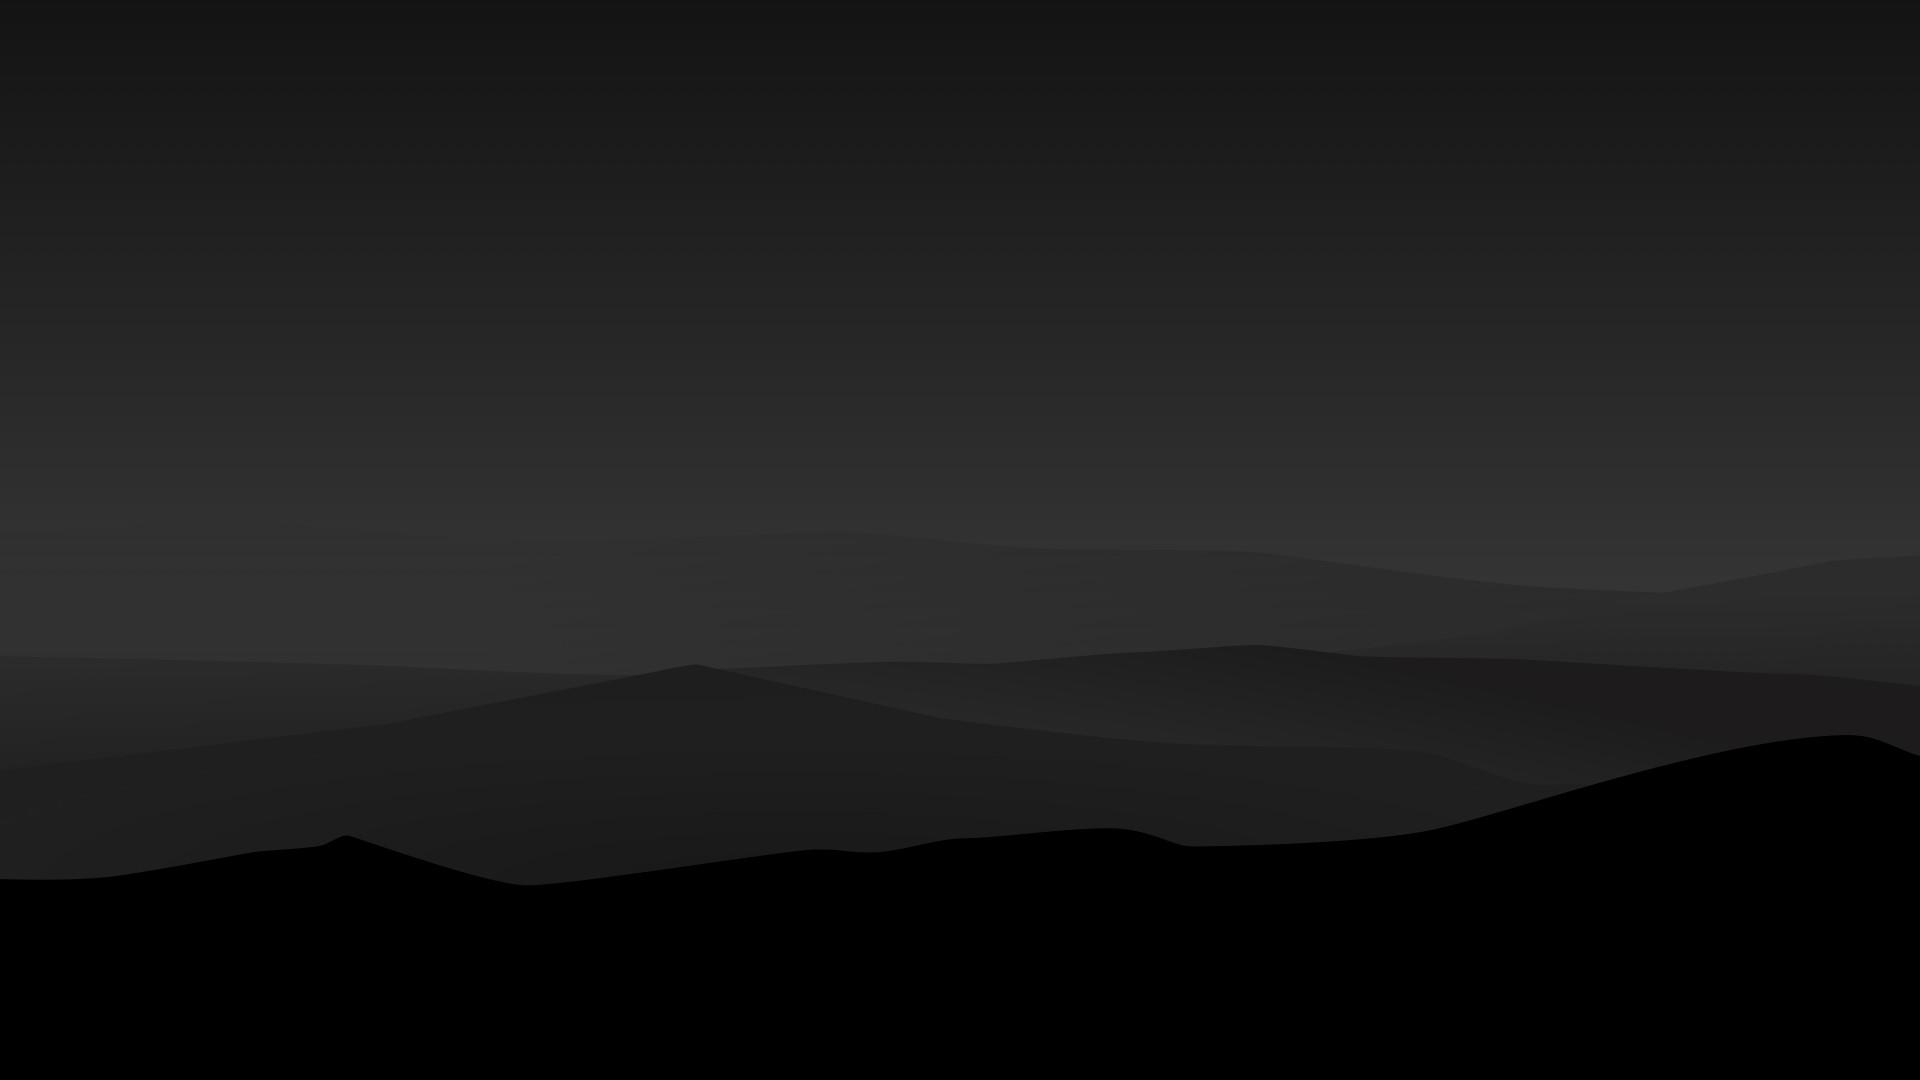 Dark Theme Full HD Wallpaper